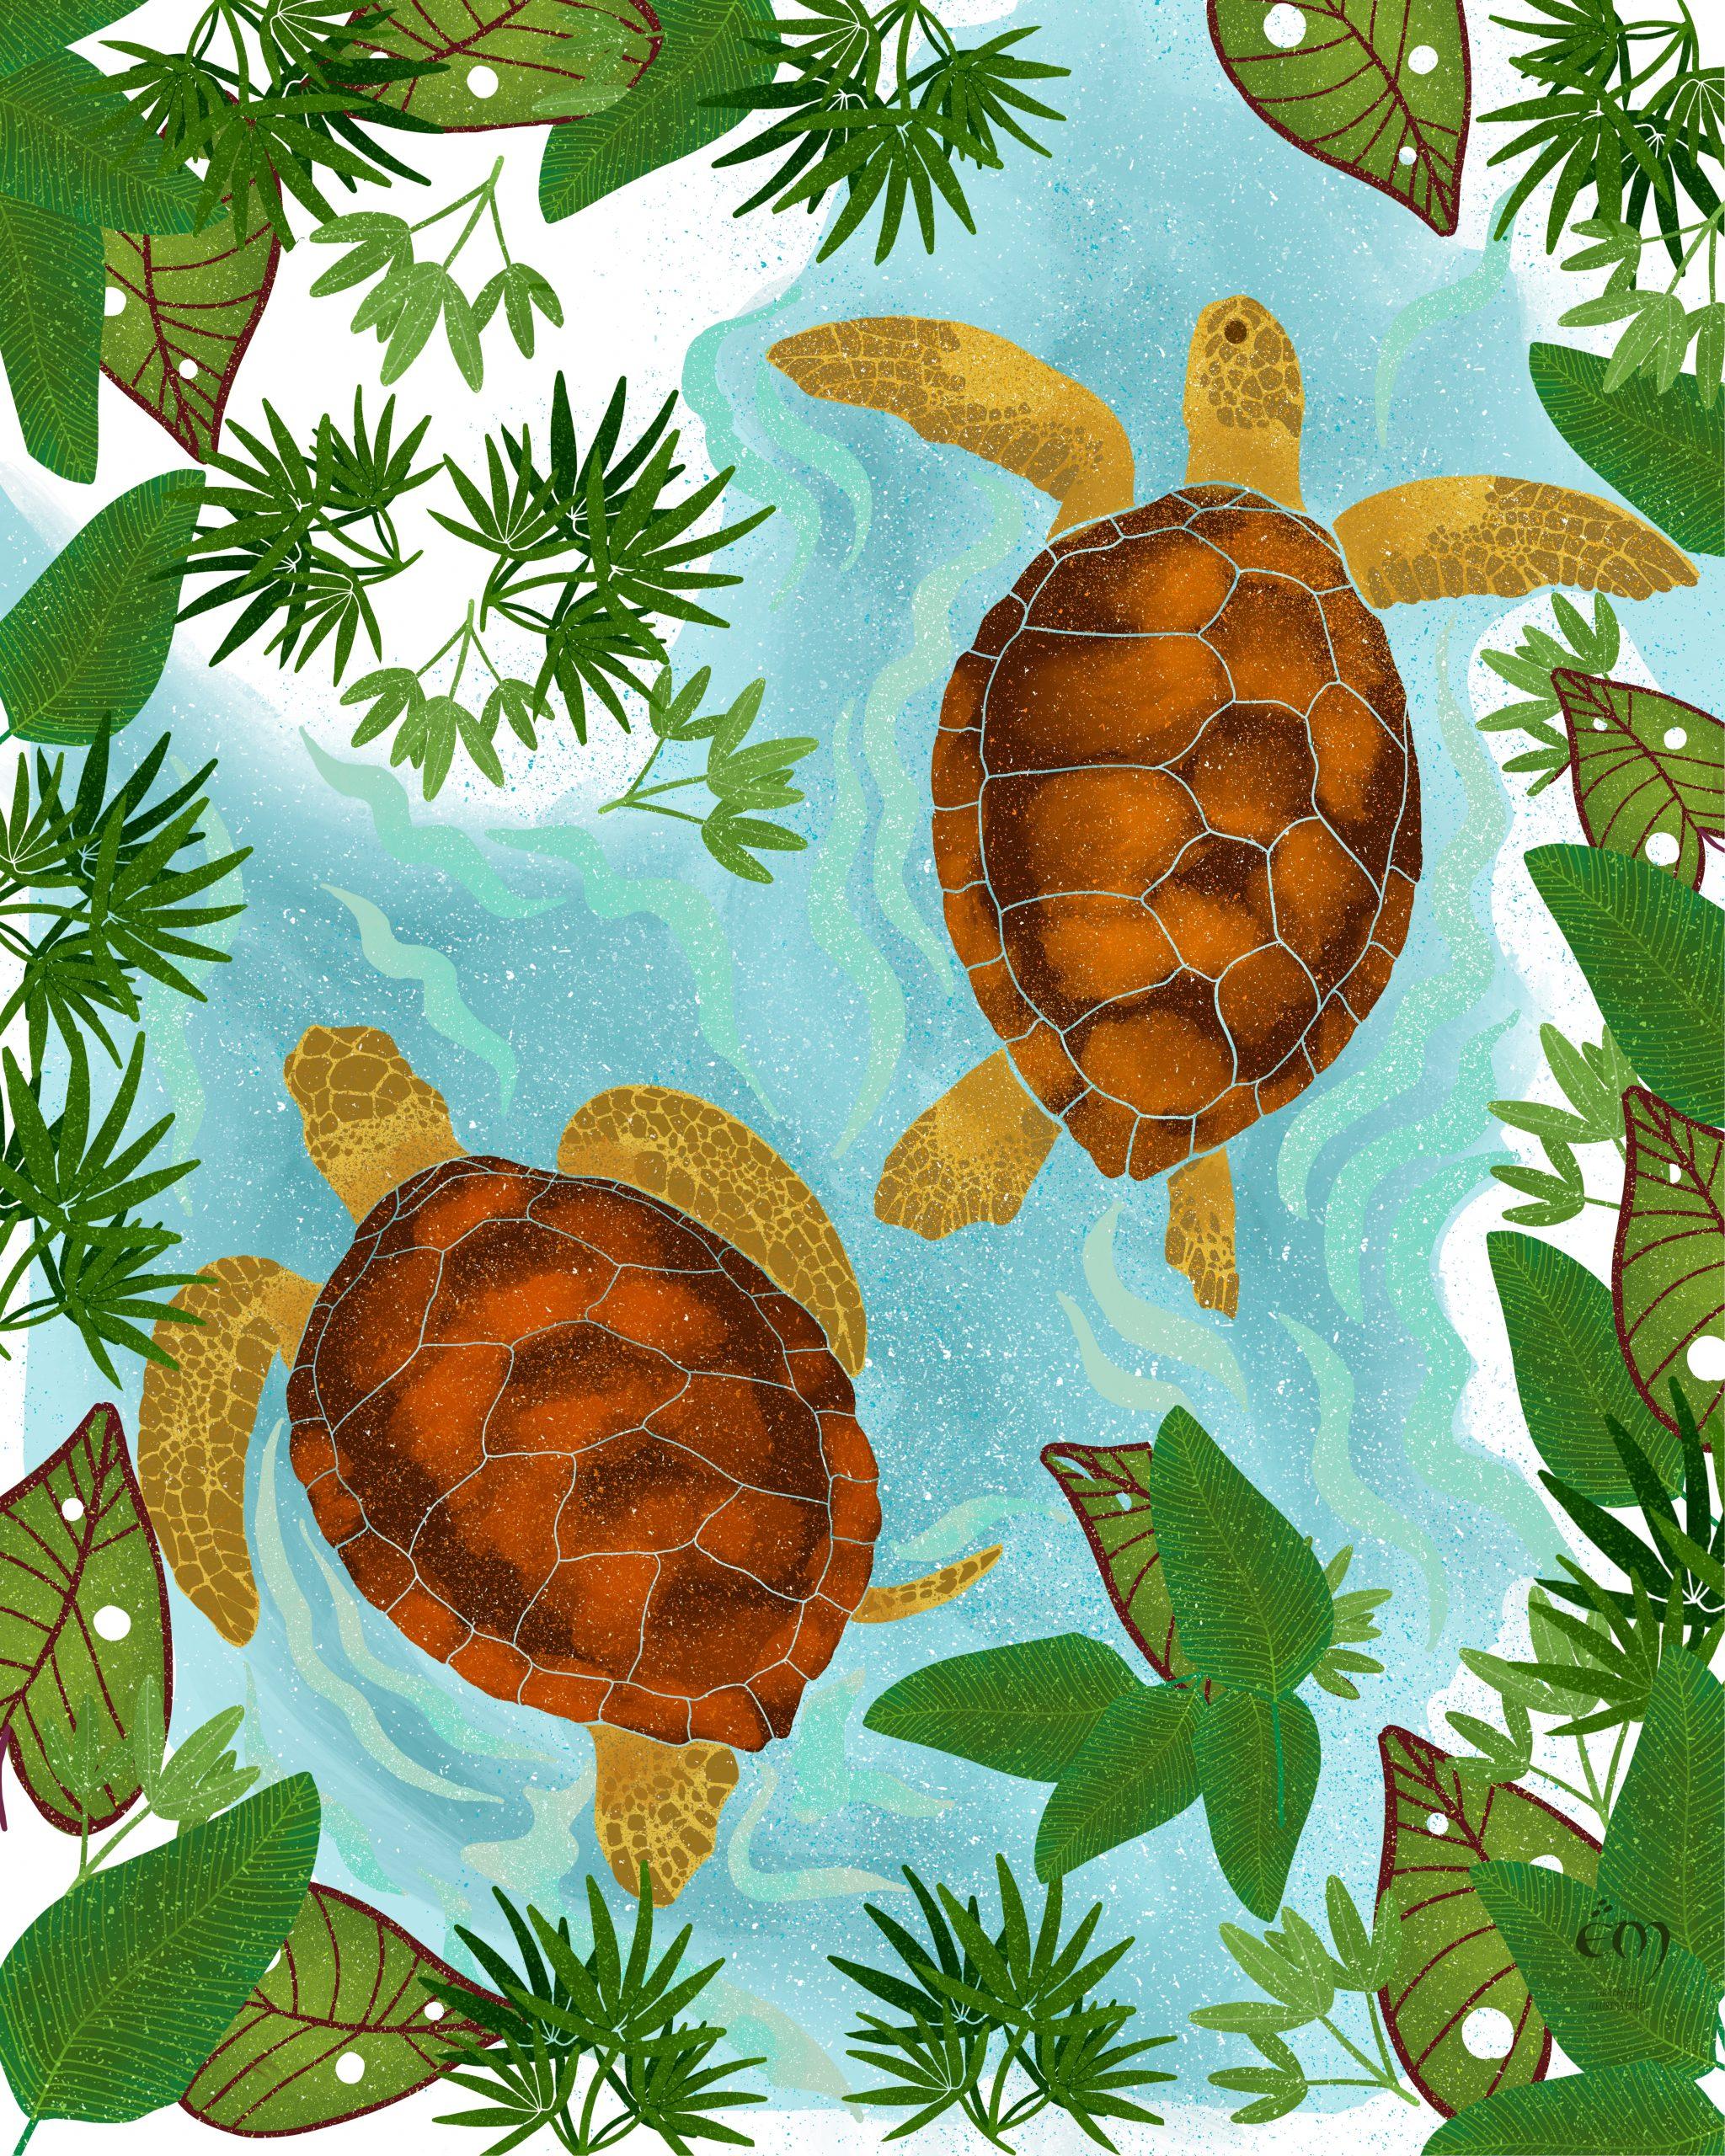 """ANIMAL ILLUSTRATION  """"Tortues"""" Peinture numérique  """"Sea turtles"""" Digital painting"""